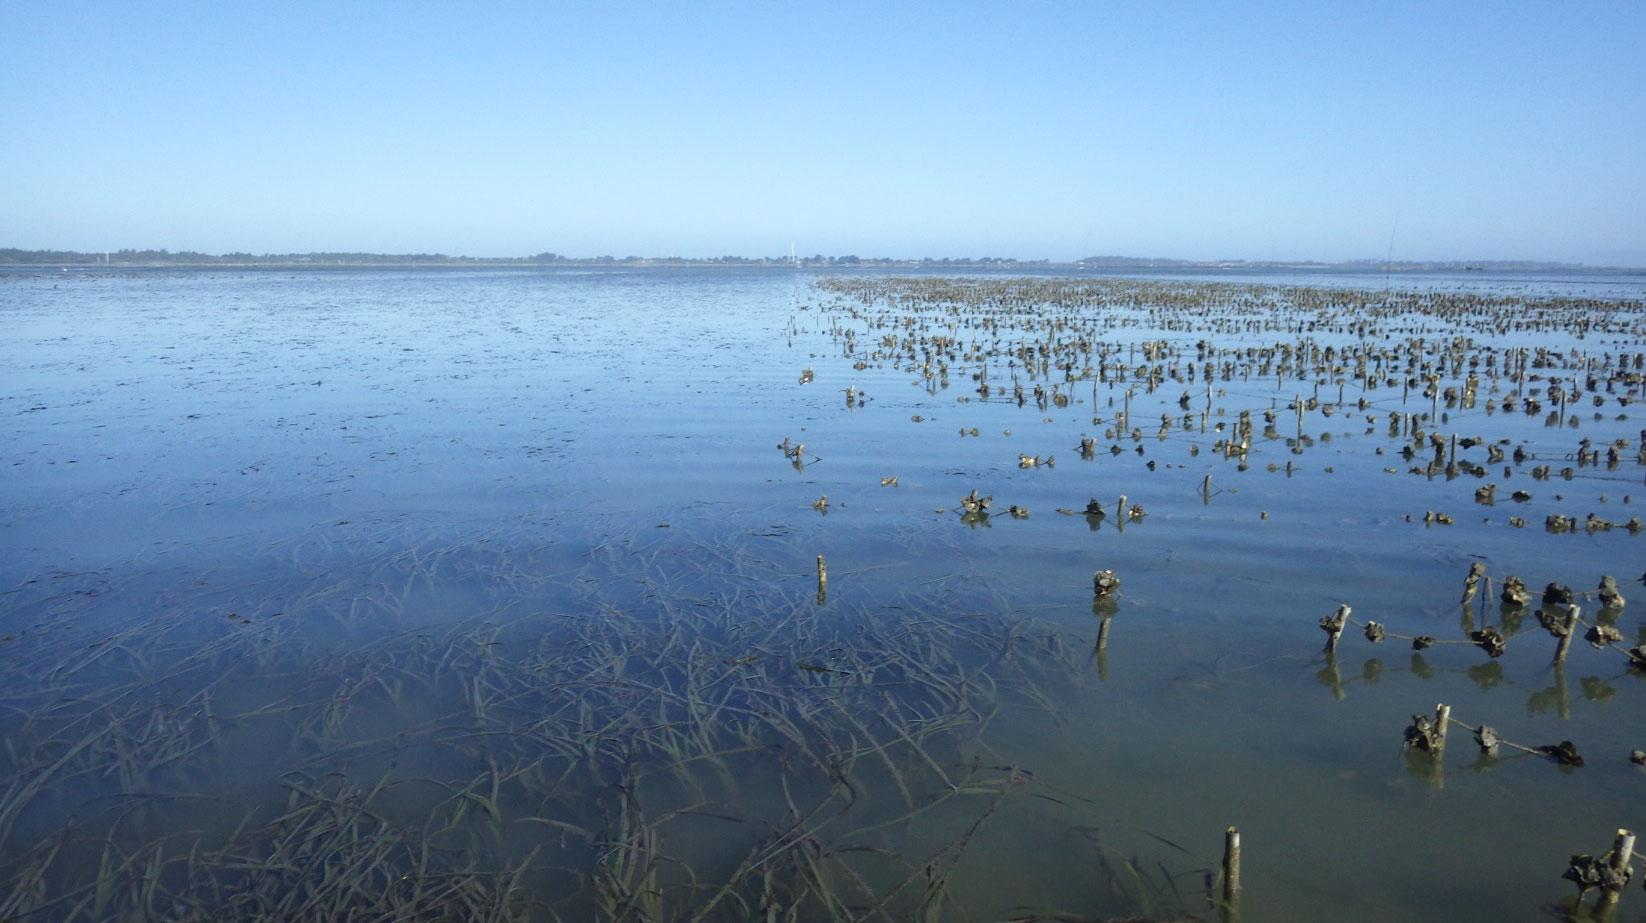 Eelgrass beds near oyster lines in Humboldt Bay. Anna Weinstein